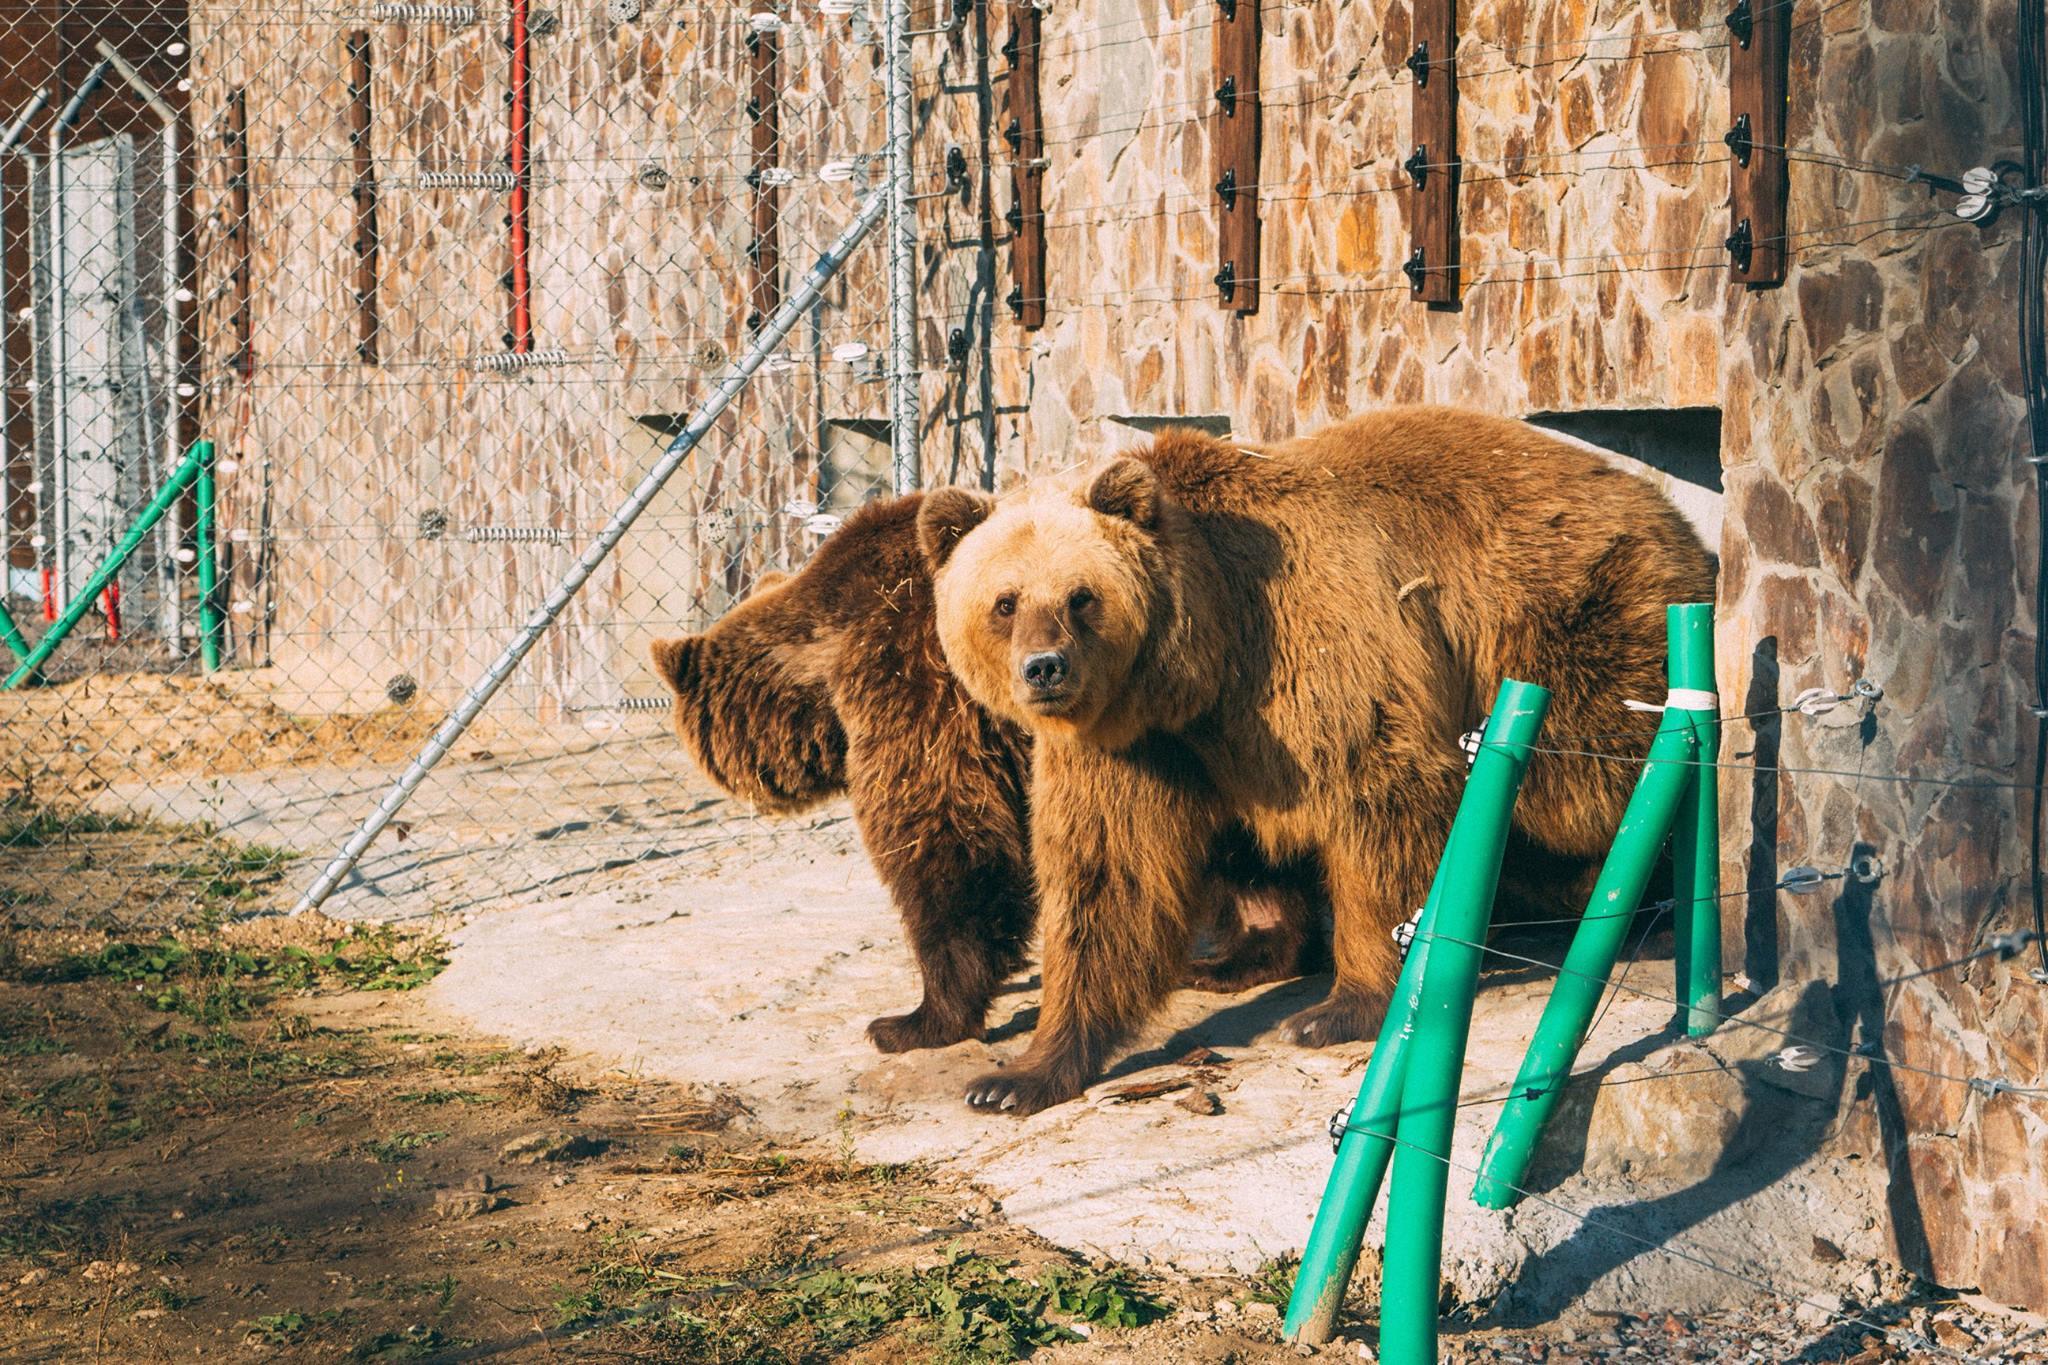 ведмідь ведмеді домажир ведмежий притулок притулок для ведмедів